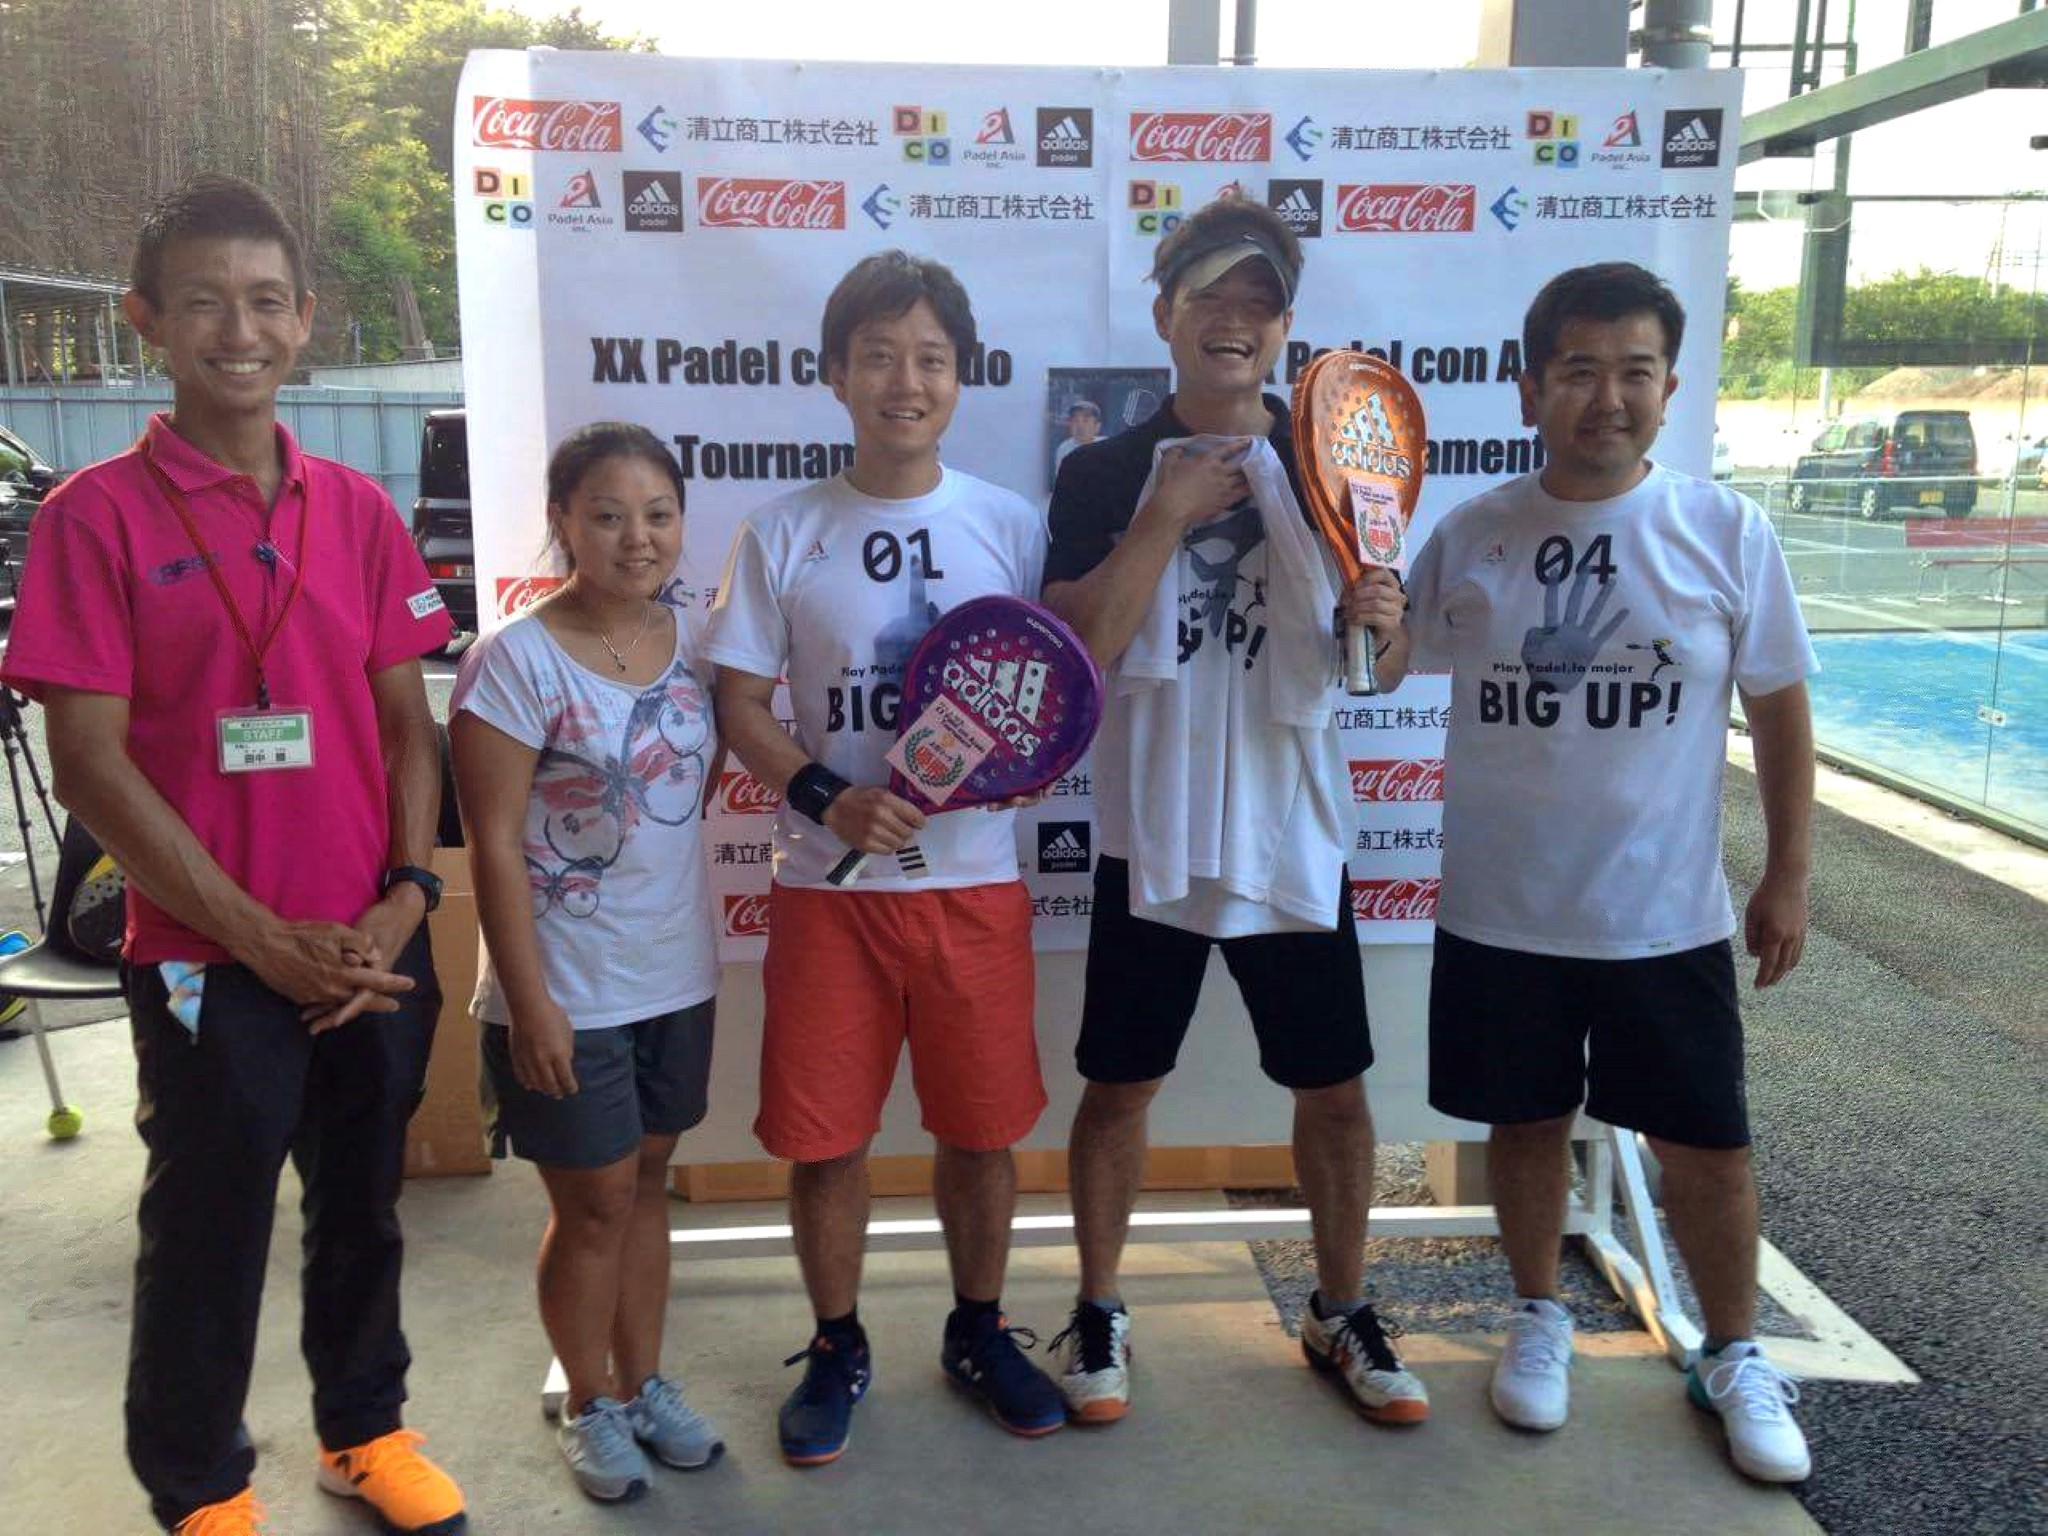 DICOは、世界的に人気急上昇中のラケットスポーツ「パデル」が、日本上陸3年目を記念した『アディダスパデル大会』の公式スポンサーを務めました。